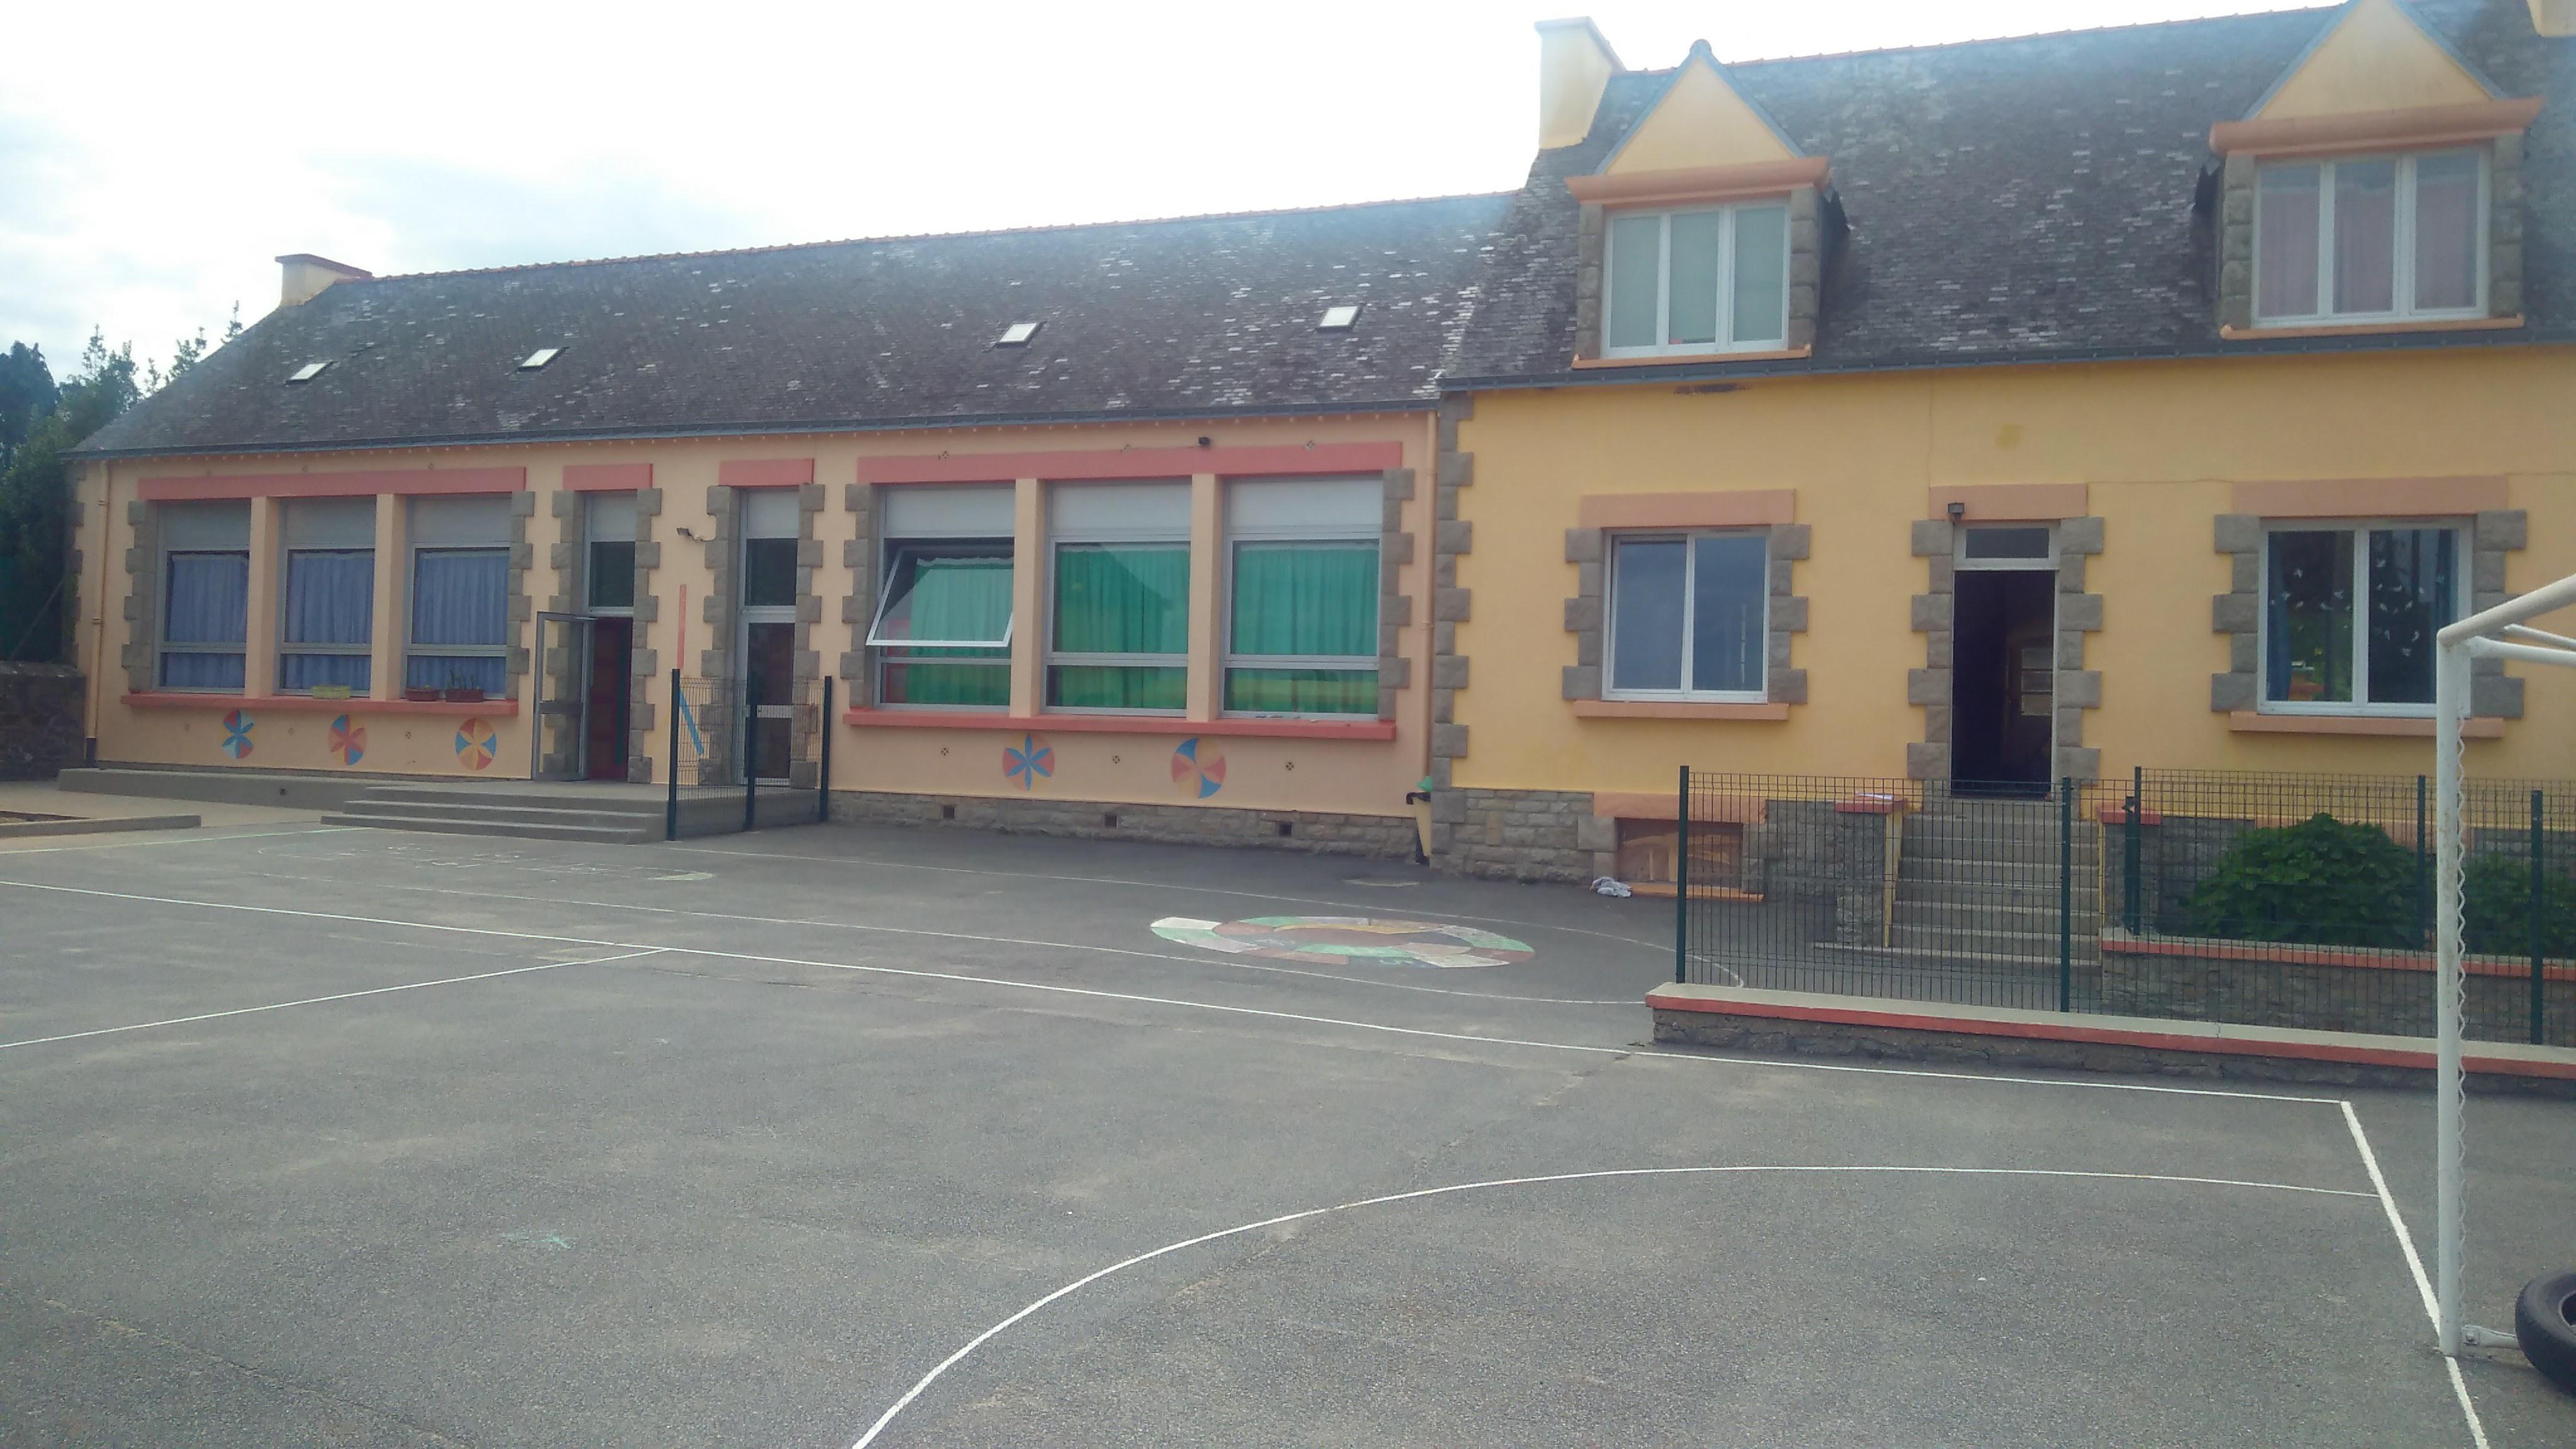 Ecole publique Les Plumes